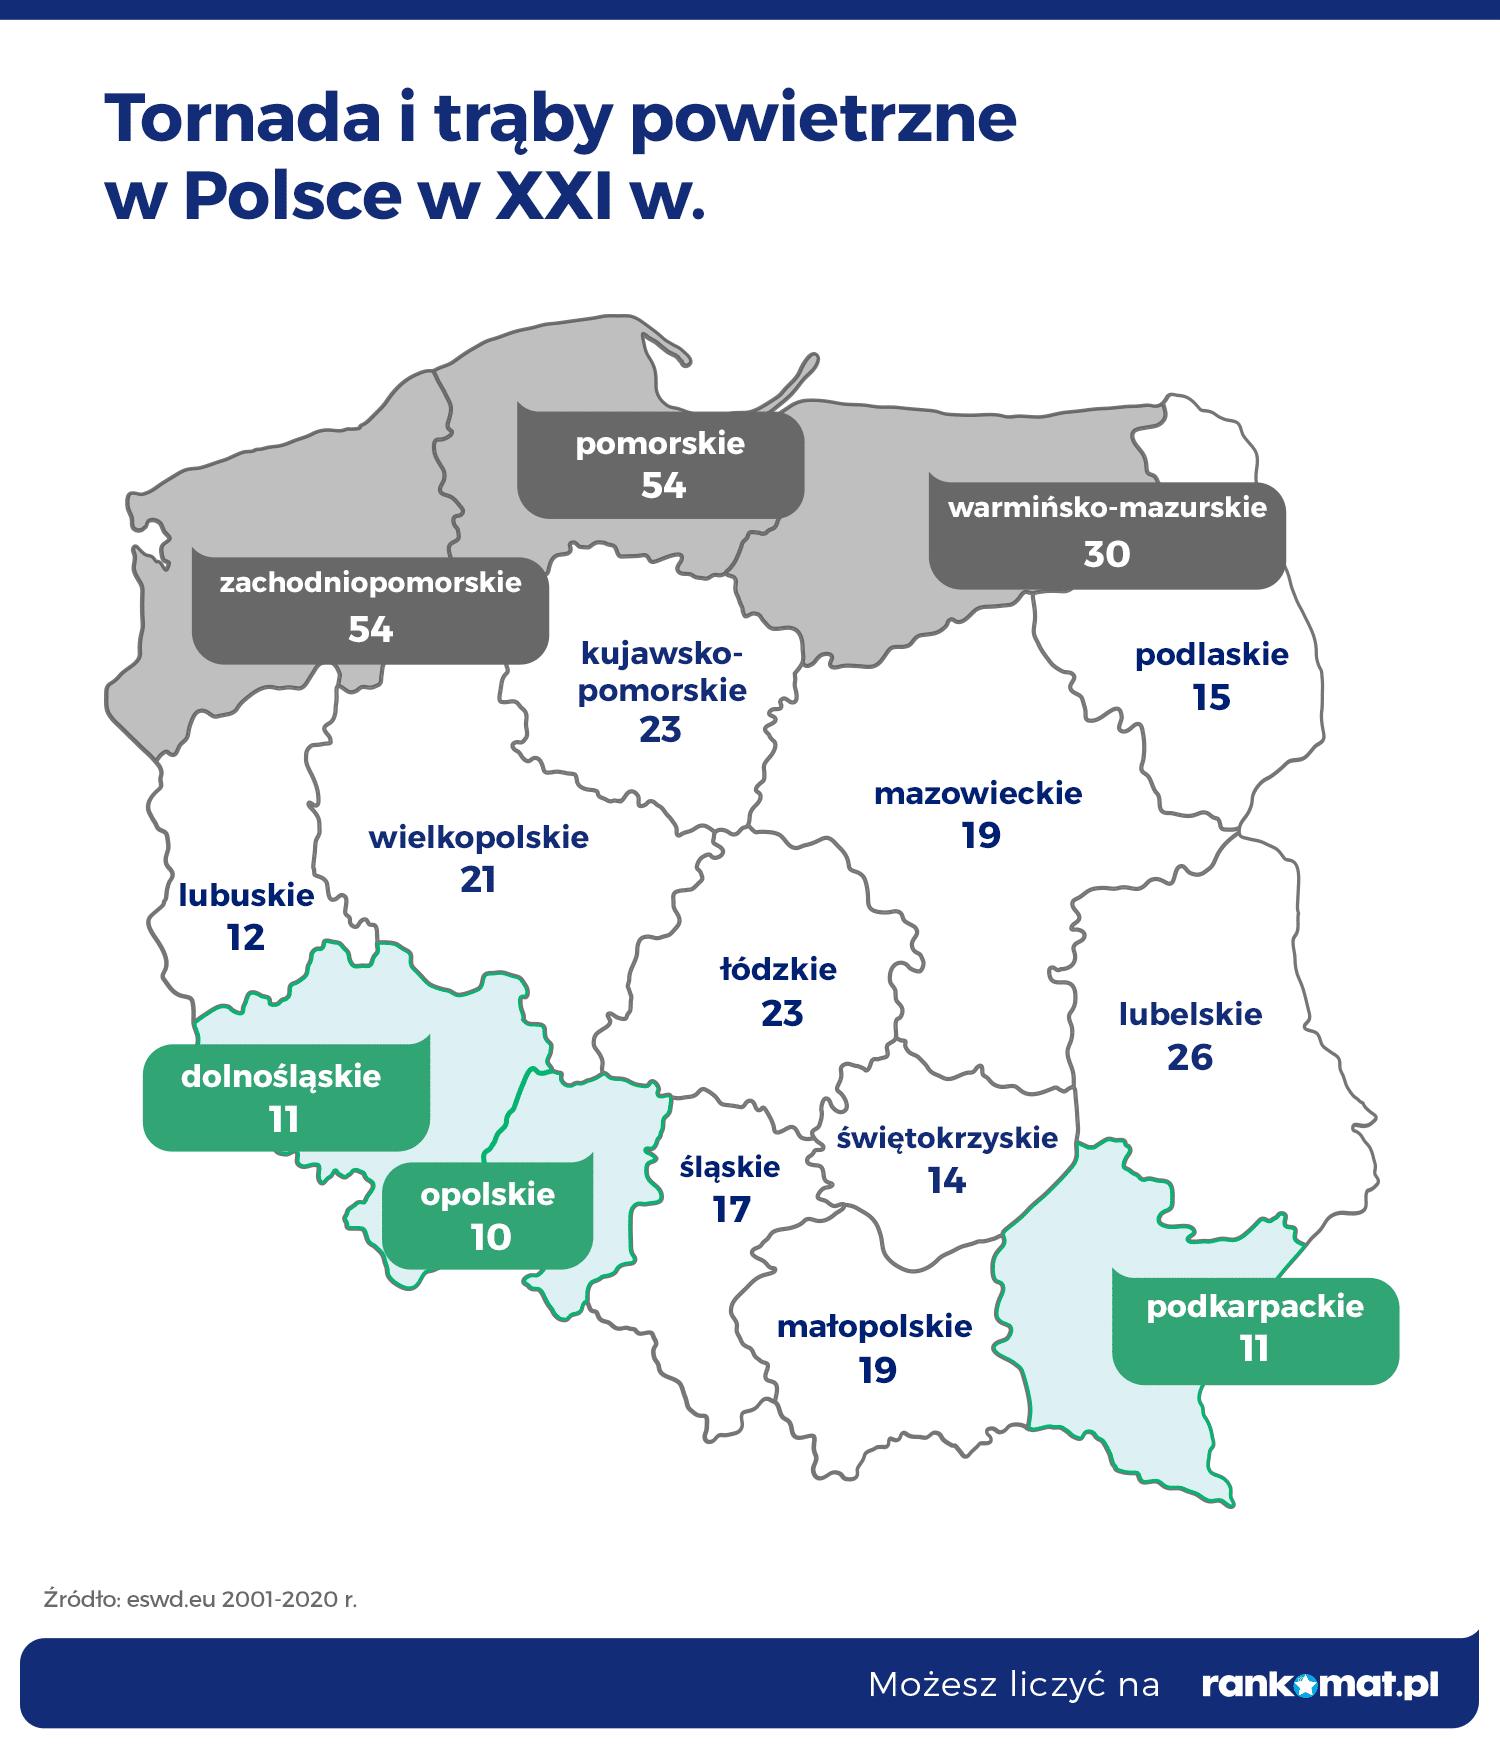 tornada i trąby powietrzne w Polsce w XXI w (1)